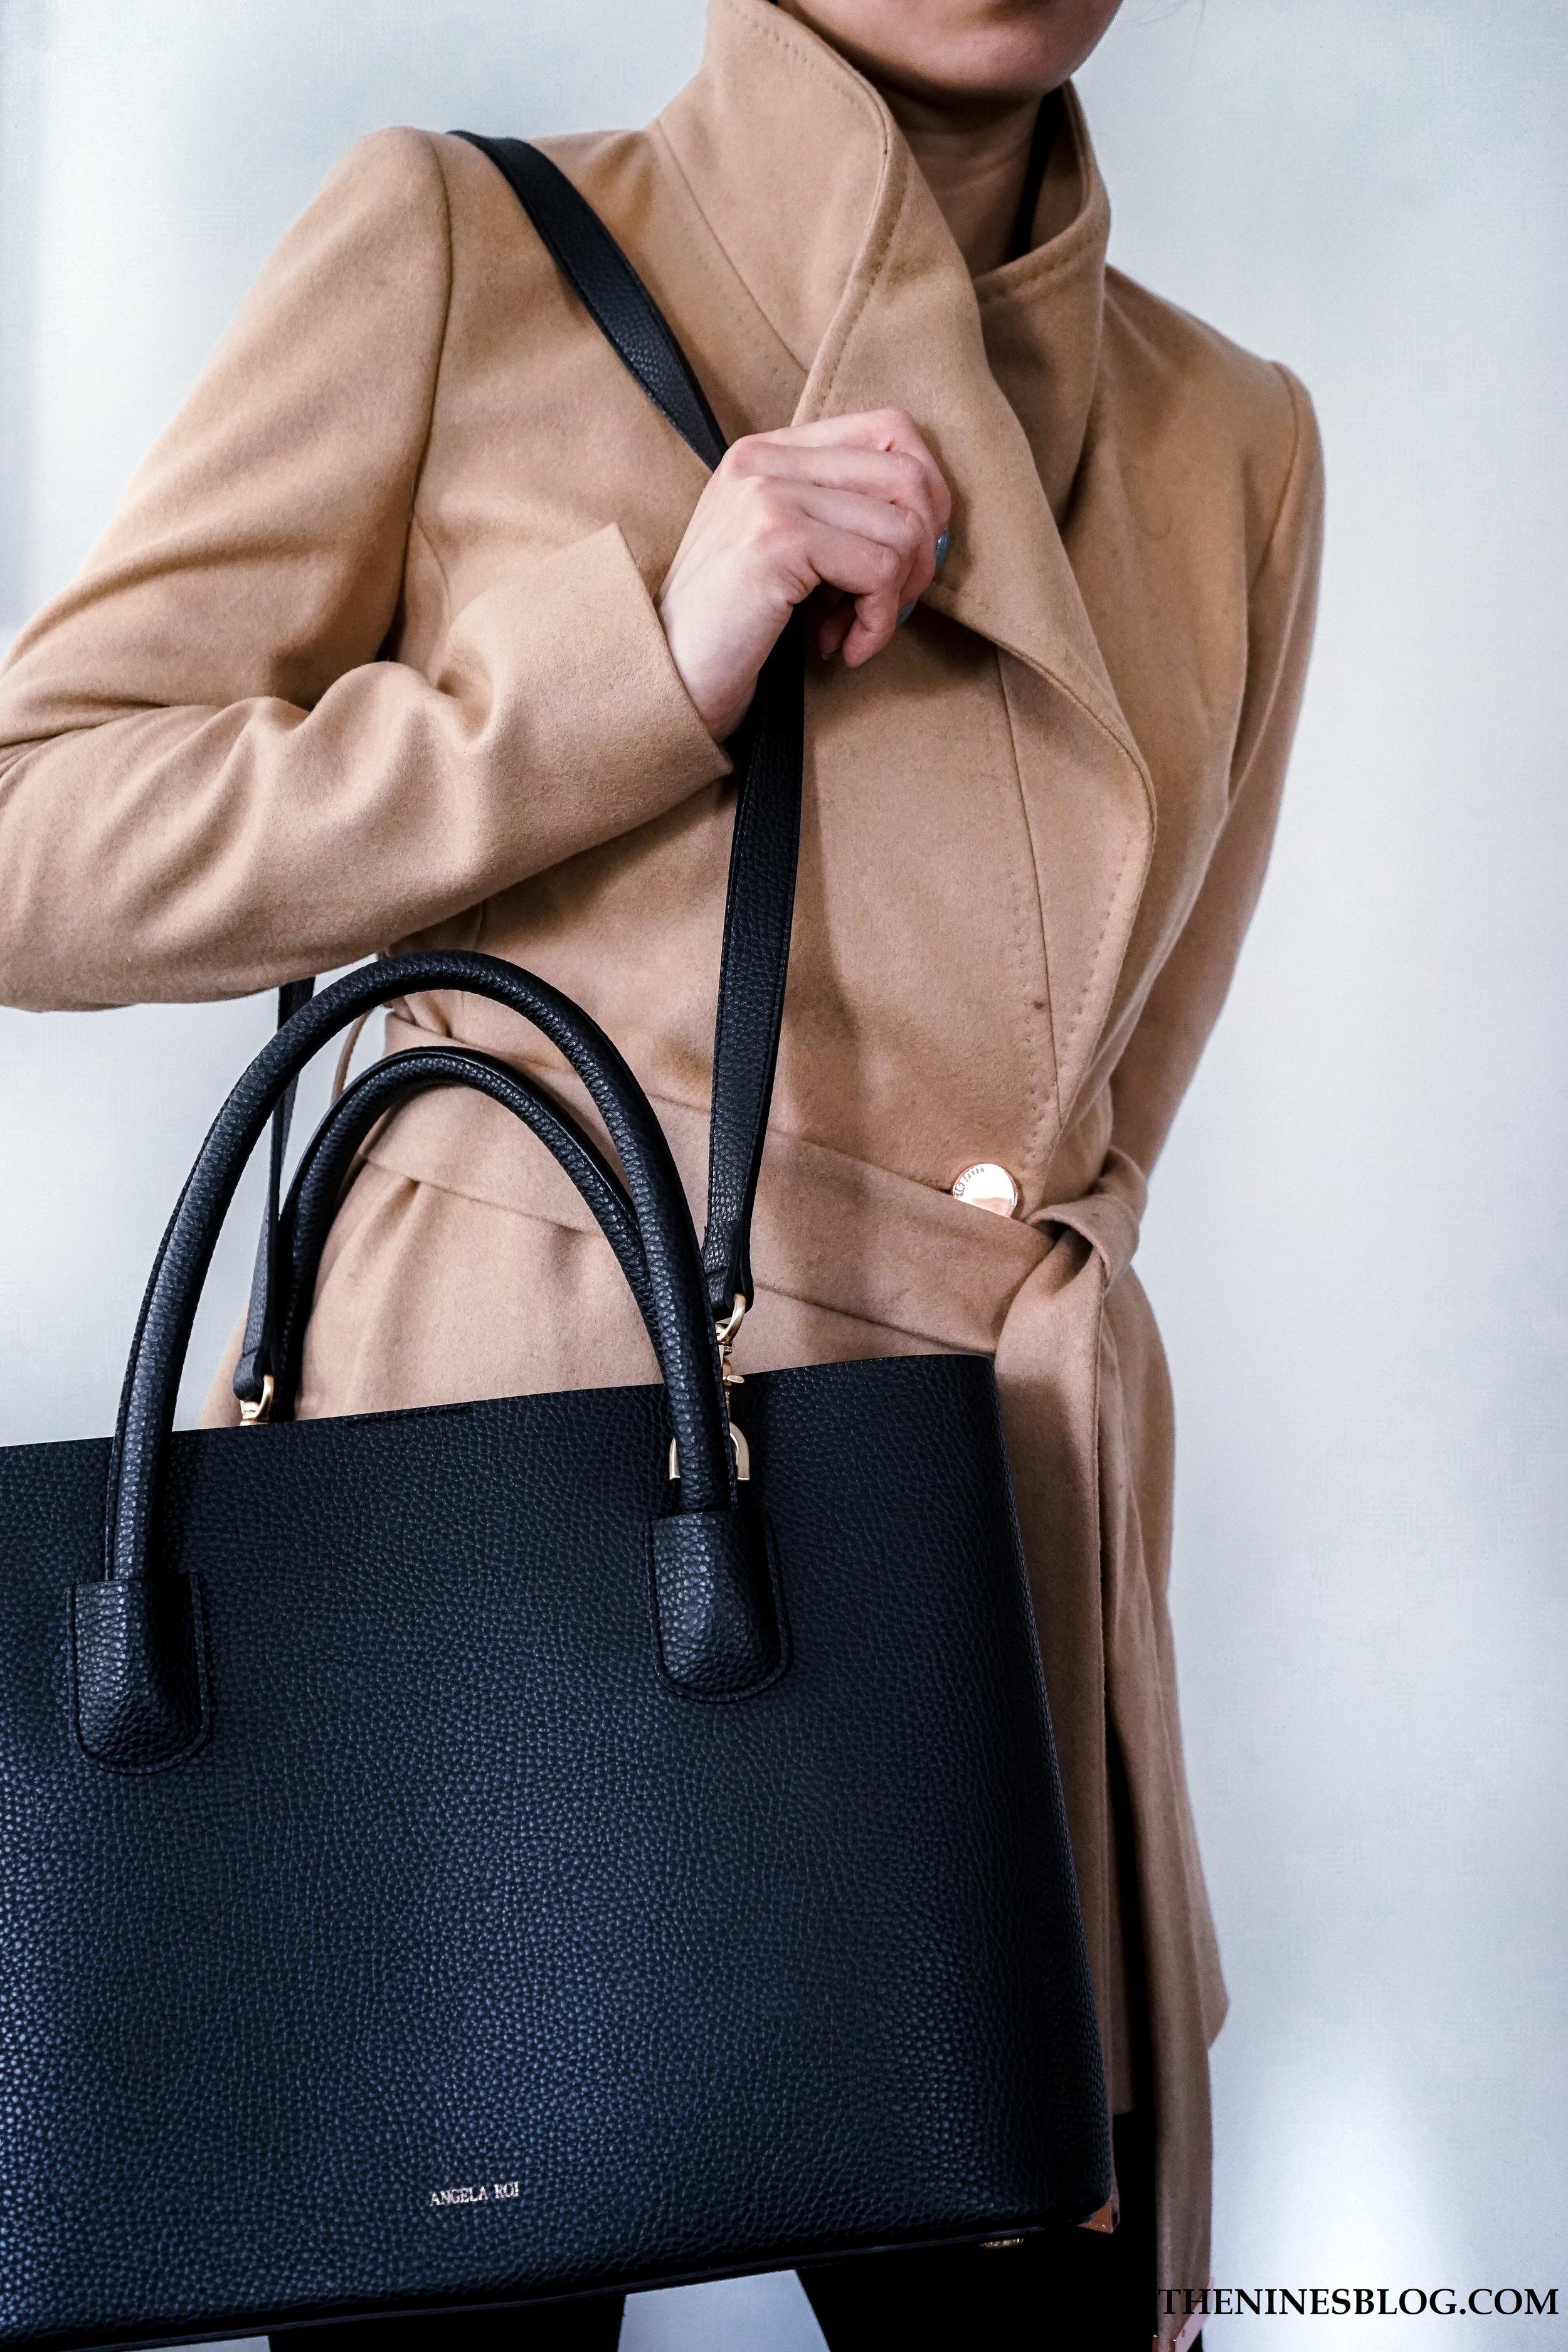 Angela Roi Cher Handbag Review - TheNinesBlog.com : A Boston Blog